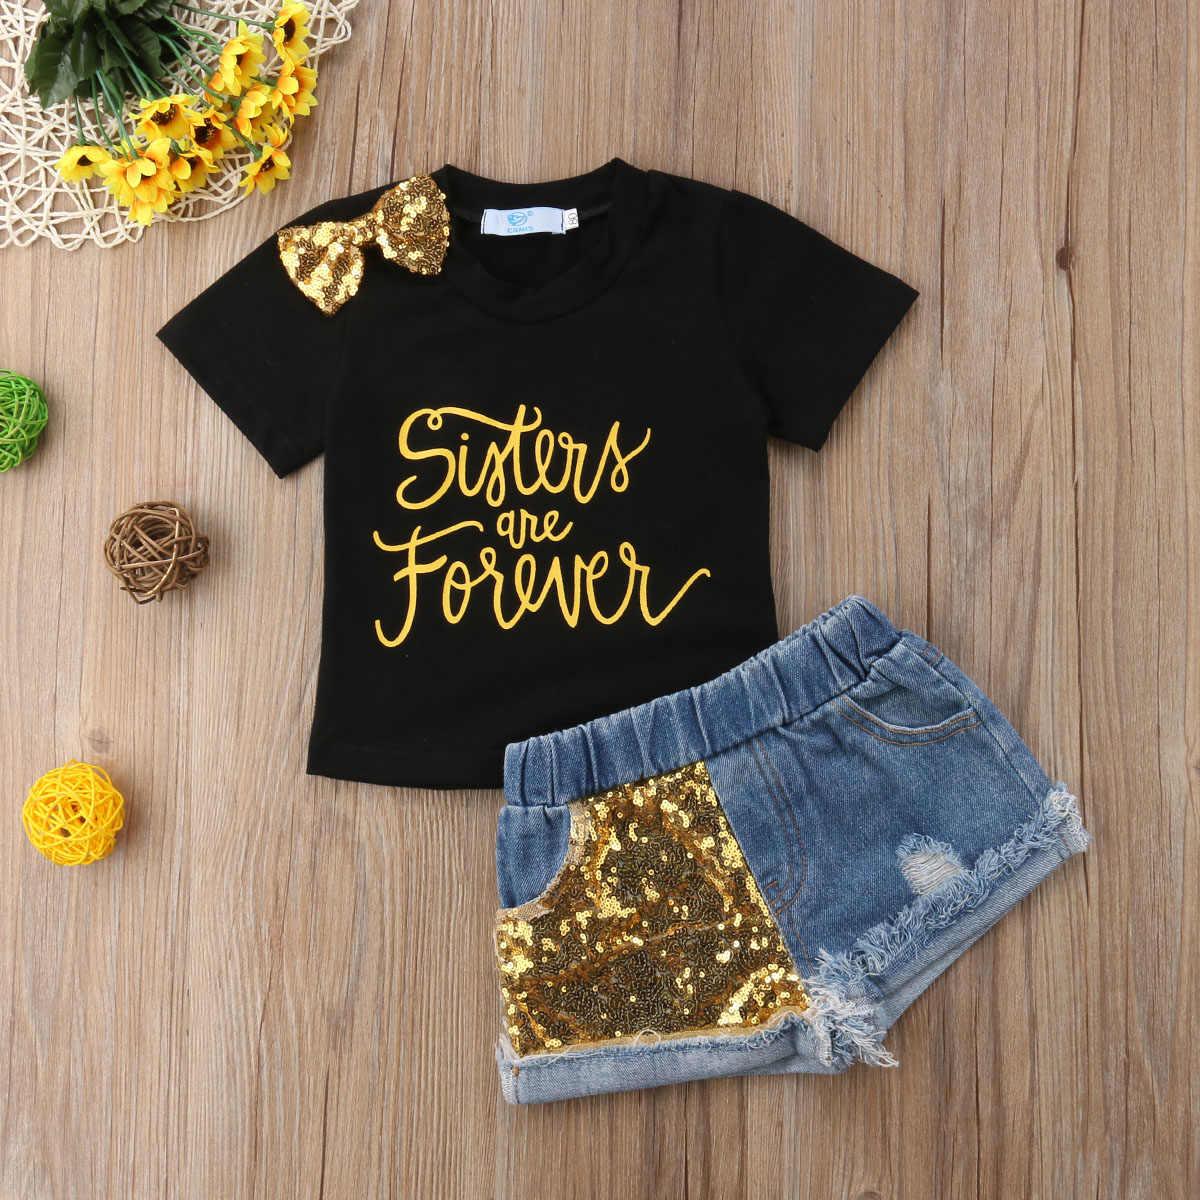 951285613ee3 2018 niños bebé niña Bowknot camisetas Top negro + lentejuelas oro  pantalones vaqueros ropa conjunto de moda de verano